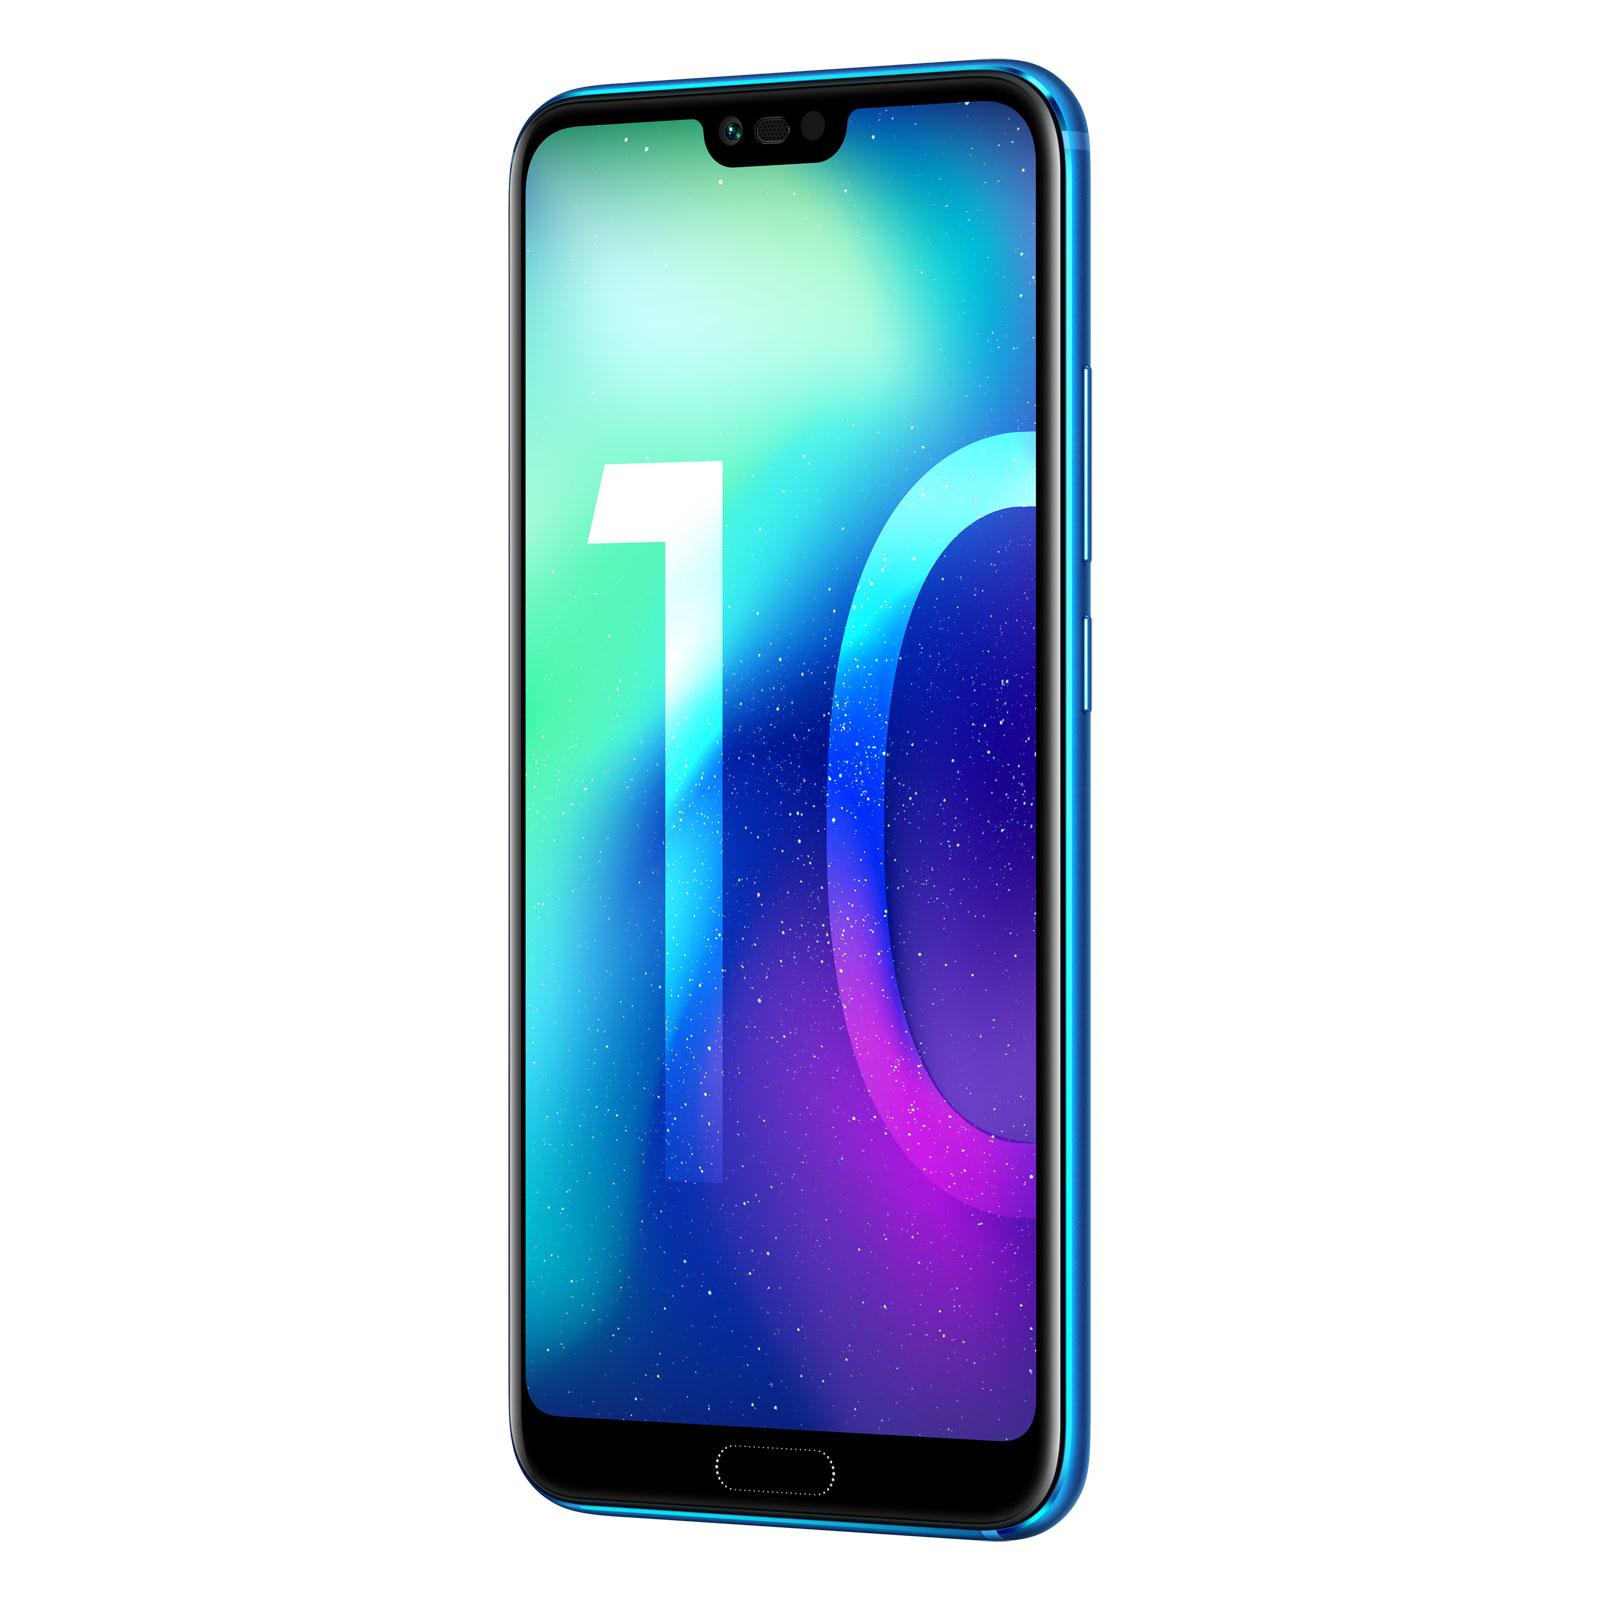 Huawei Honor 10 Bleu 64Go Double Sim - Téléphonie Huawei - 3